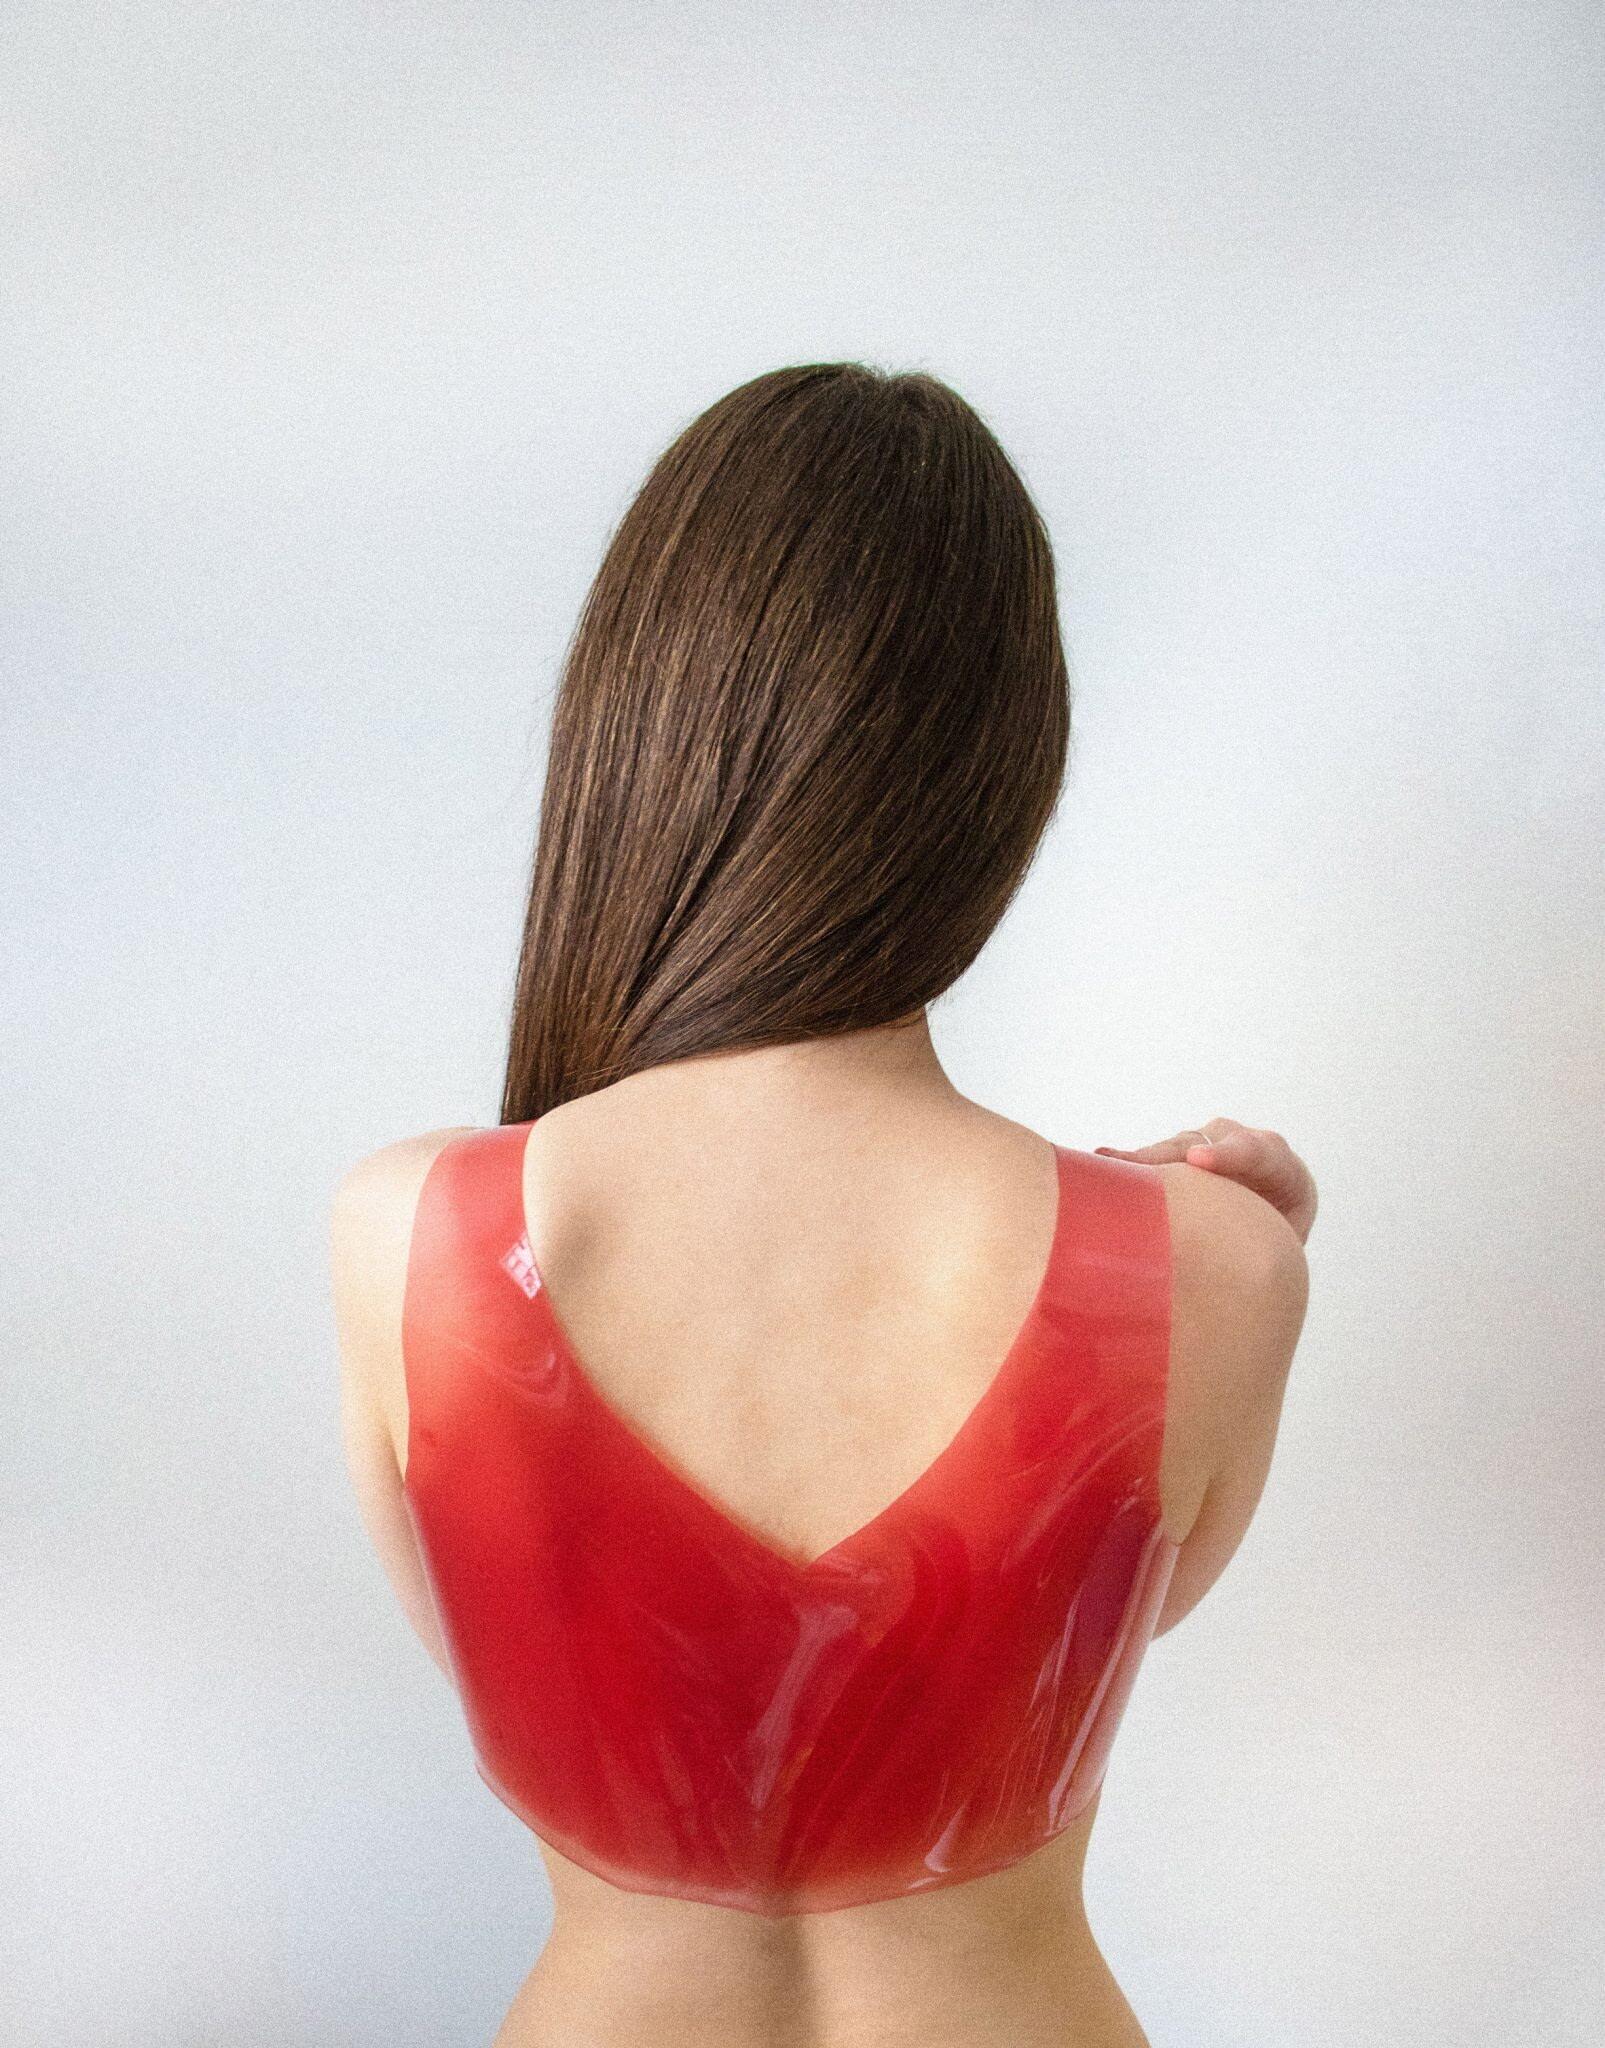 Новий одяг з желе можна розплавити і змінити або утилізувати